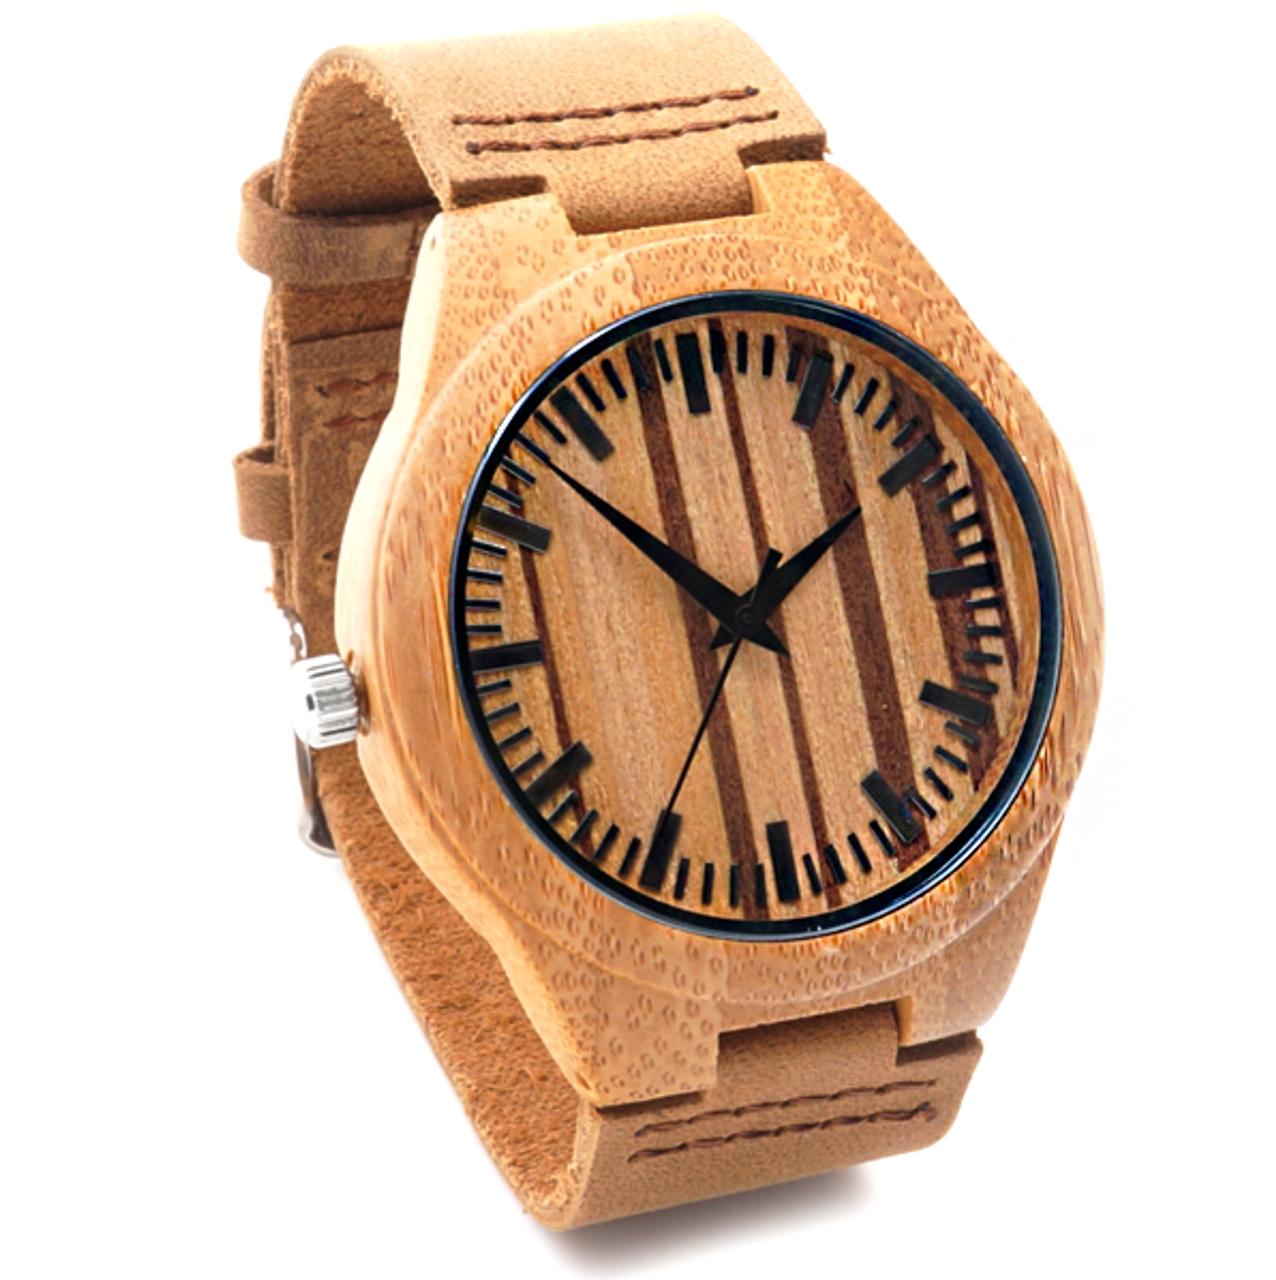 Grpn Spain - Wood Engraved Watch W#58 - PinStripe